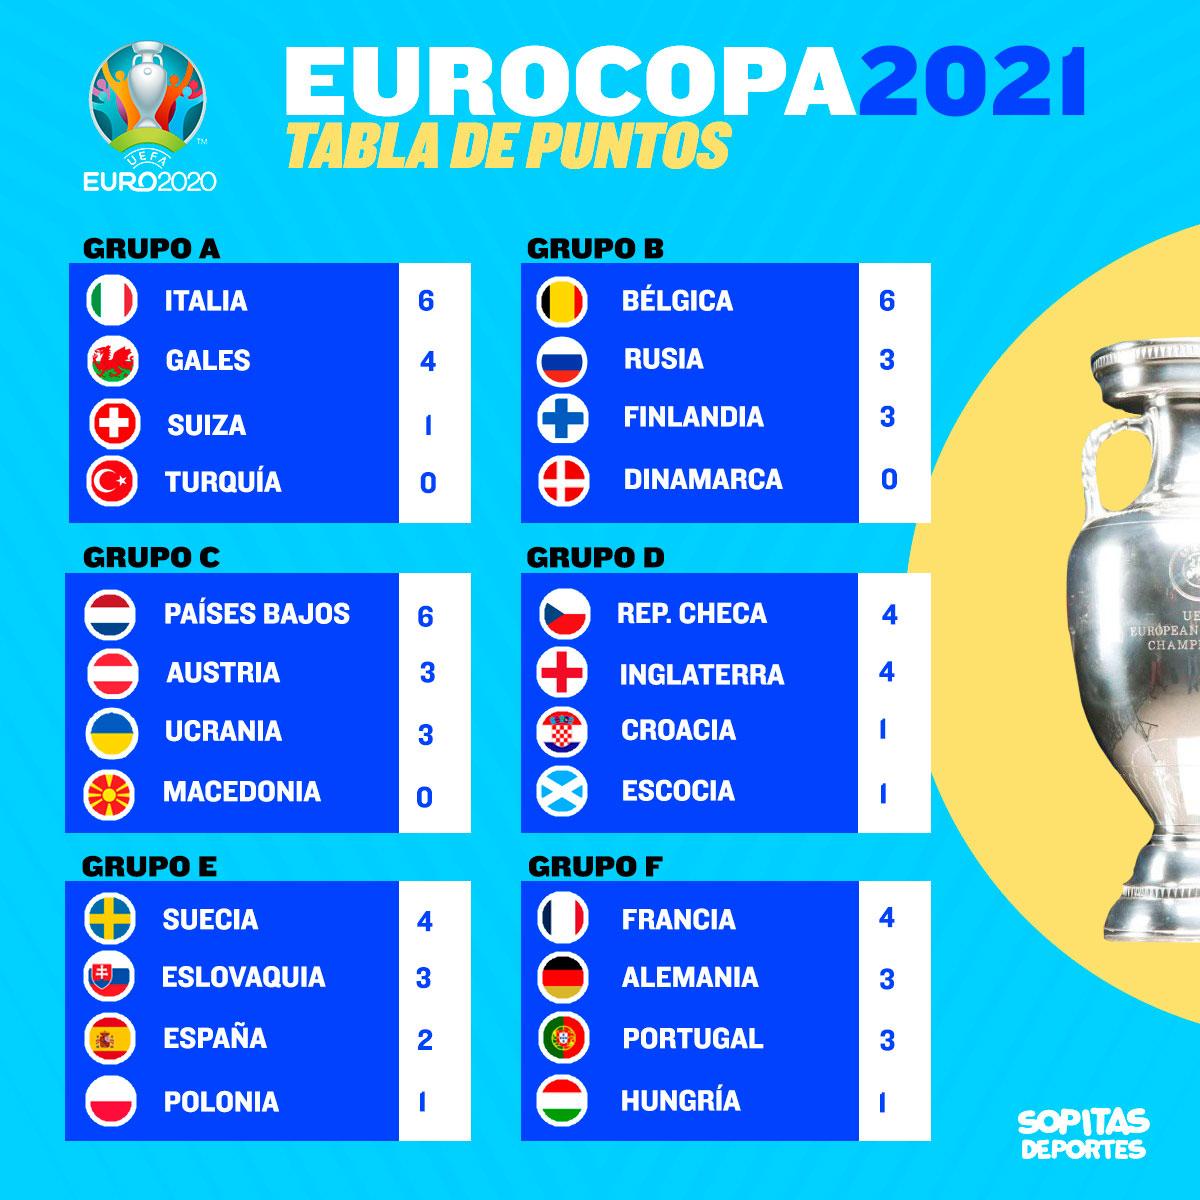 ¡Partidazo entre Alemania y Portugal! Pásale a ver todos los goles del día en la Eurocopa